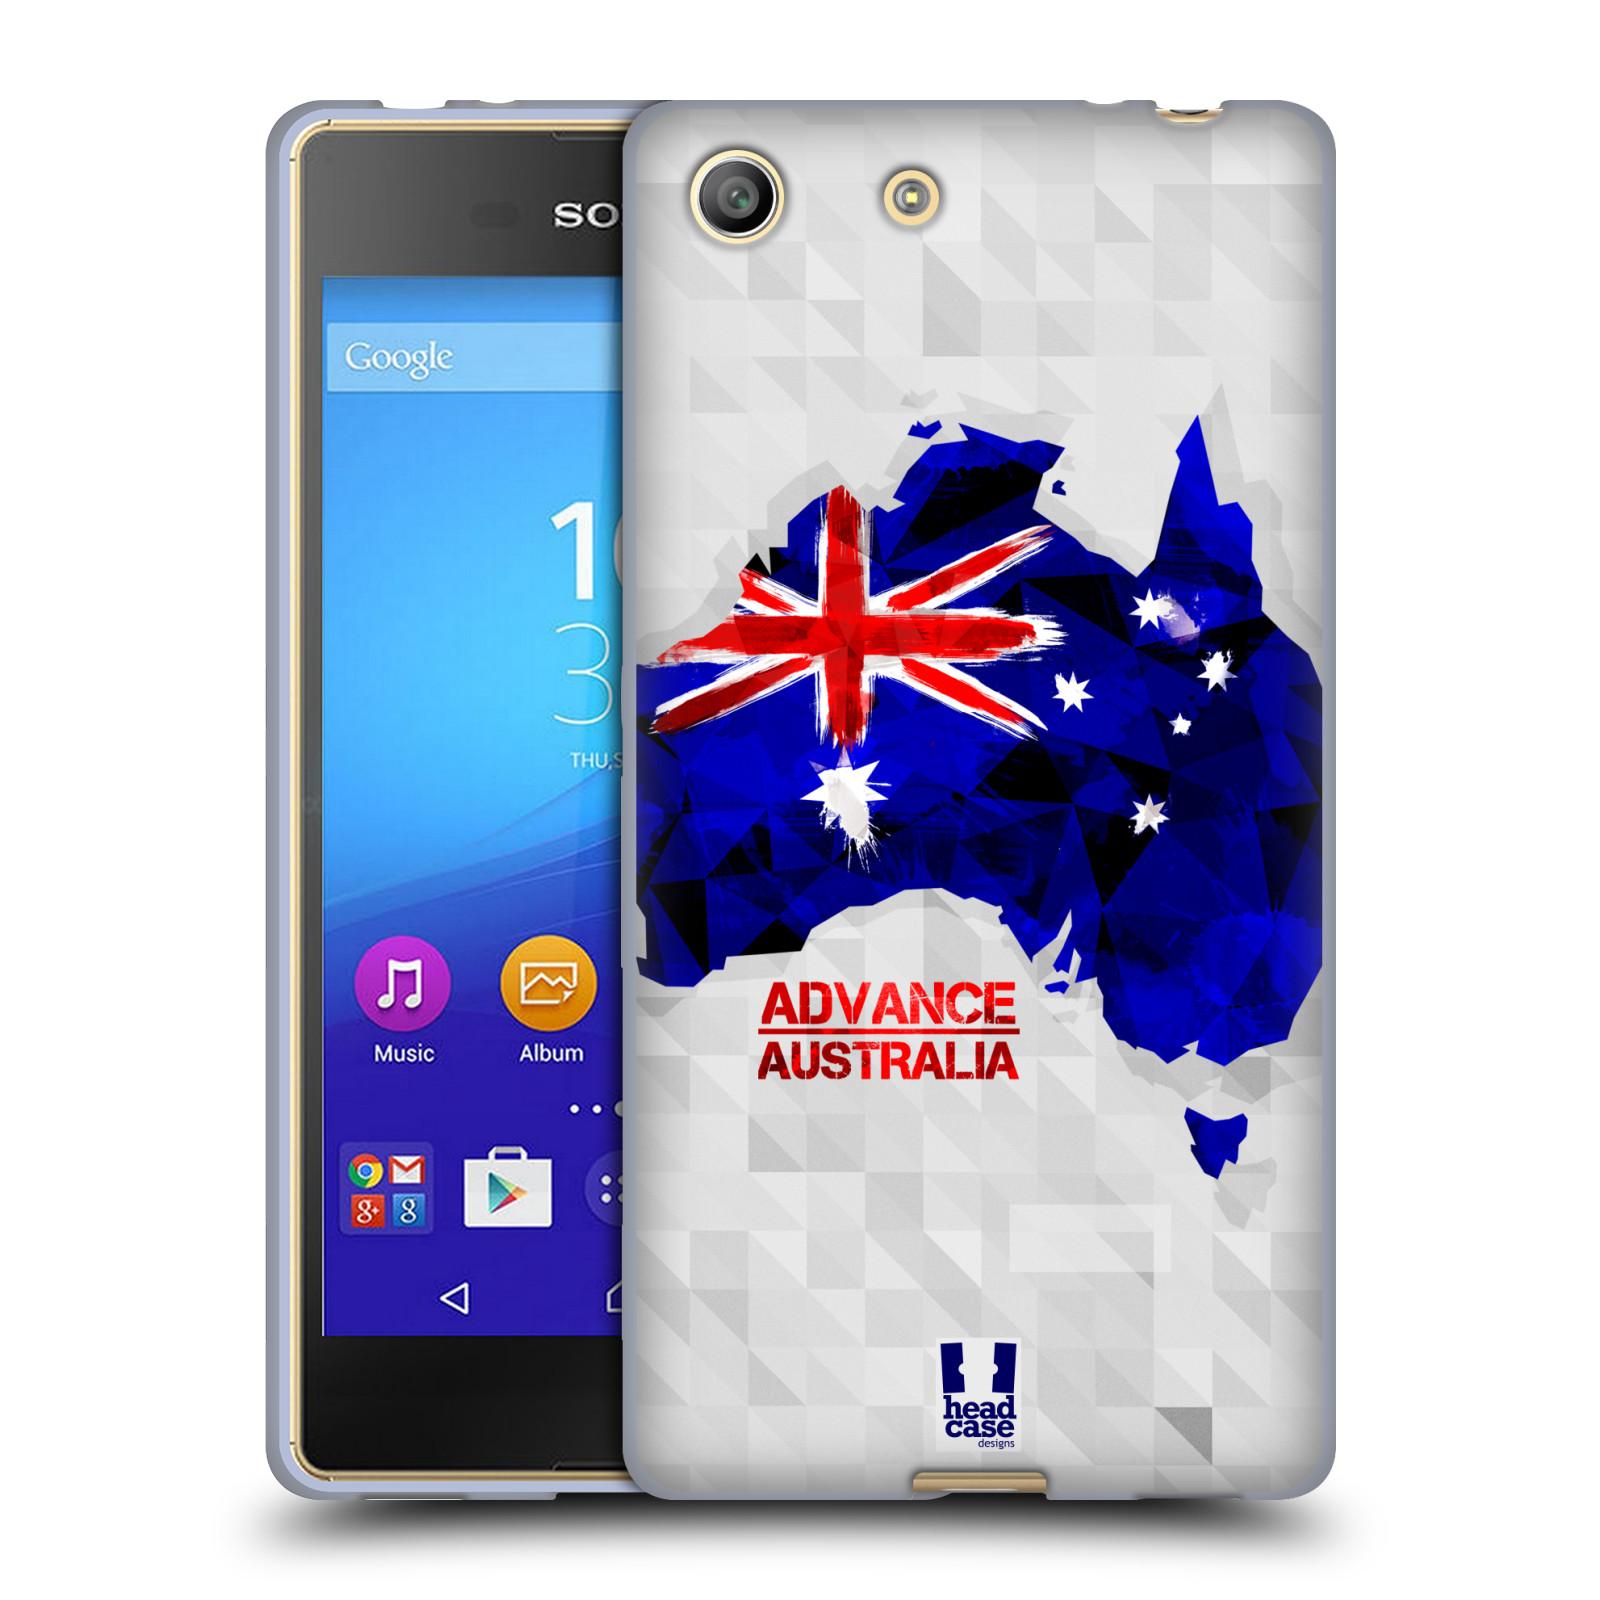 Silikonové pouzdro na mobil Sony Xperia M5 HEAD CASE GEOMAPA AUSTRÁLIE (Silikonový kryt či obal na mobilní telefon Sony Xperia M5 Dual SIM / Aqua)